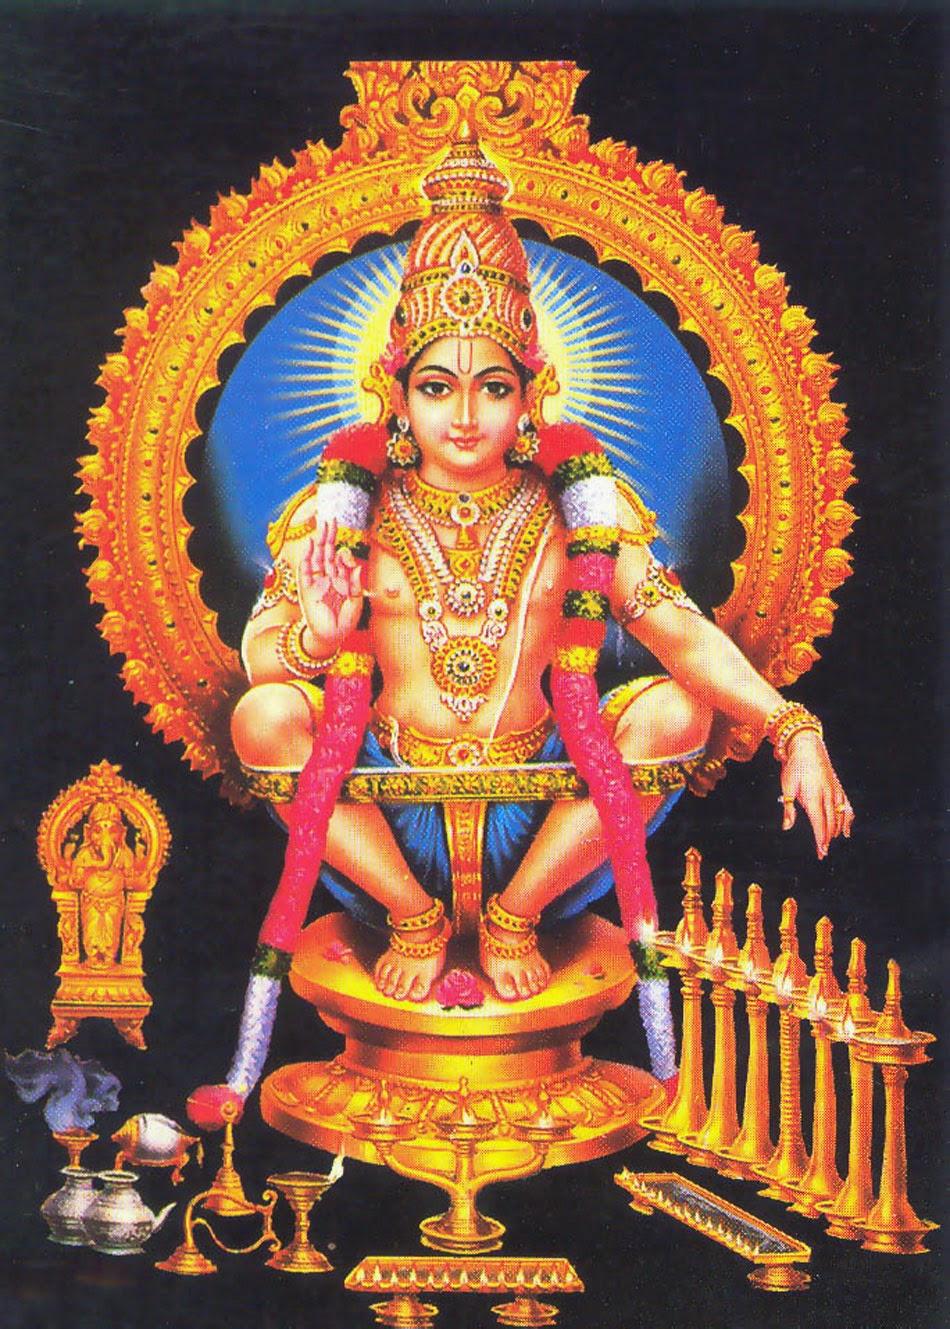 Download Wallpaper Lord Ayyappan - ayyappa%2Bwallpapers%2B(25)  Image_99335.jpg